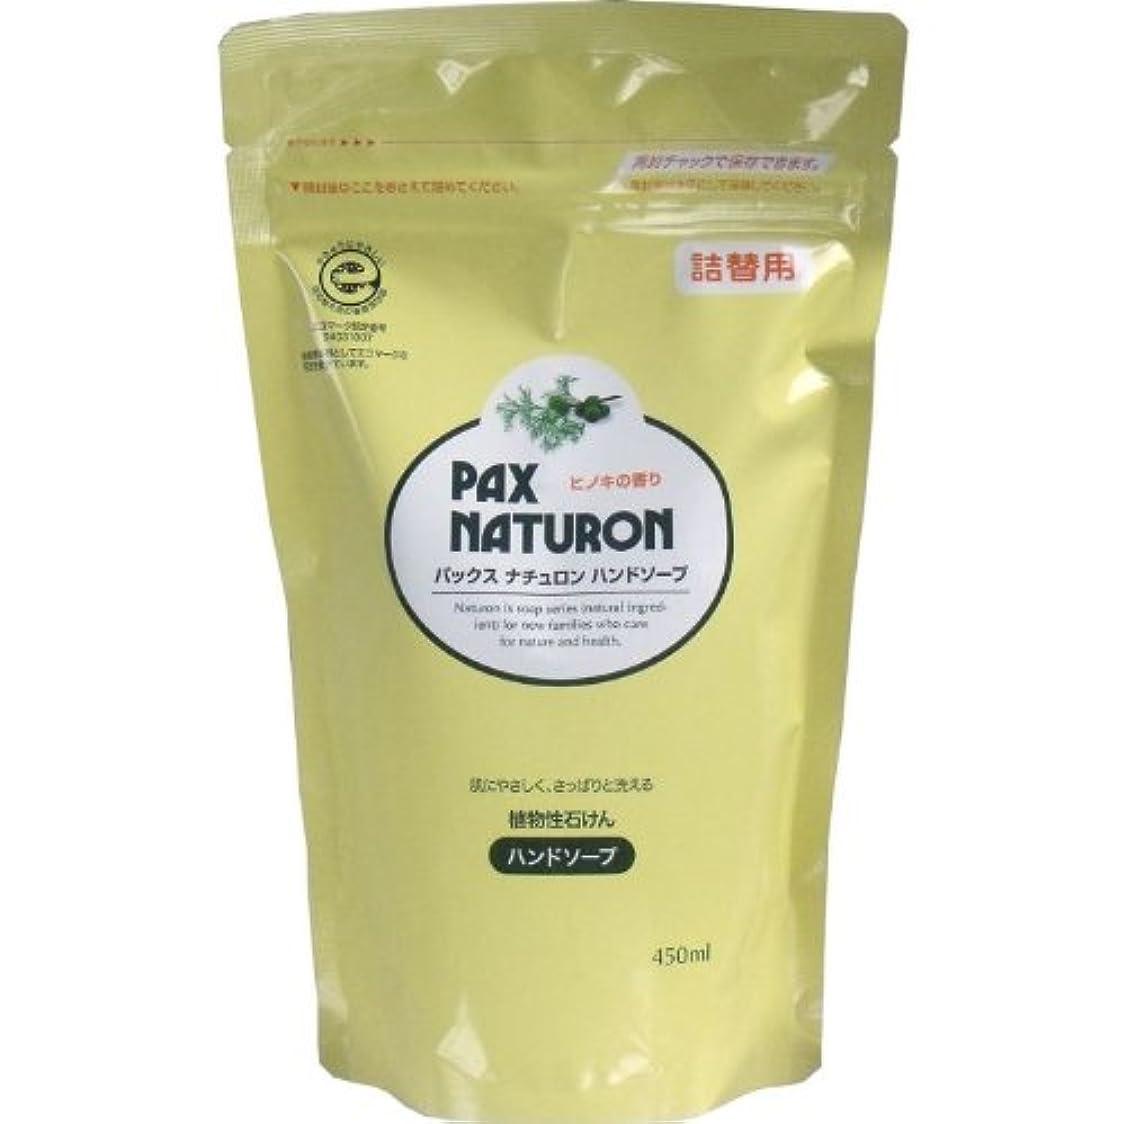 比類なきクレーン症候群肌にやさしく、さっぱりと洗える植物性石けん!植物性ハンドソープ 詰替用 450mL【2個セット】